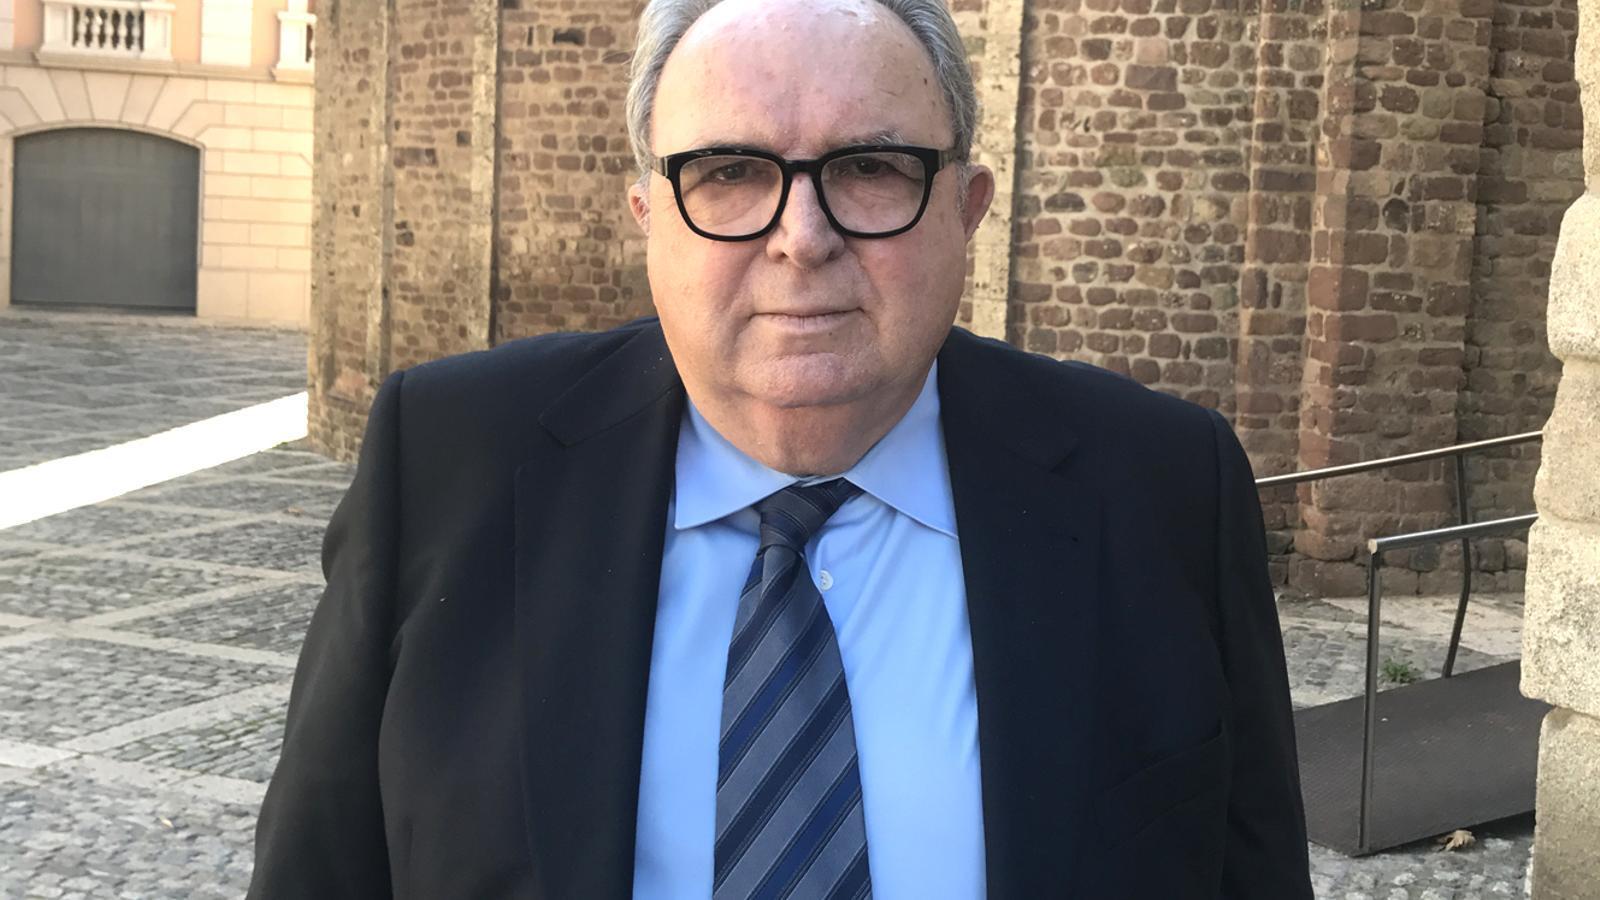 El jurista català Josep-Delfí Guàrdia, nou magistrat del TC / BISBAT D'URGELL